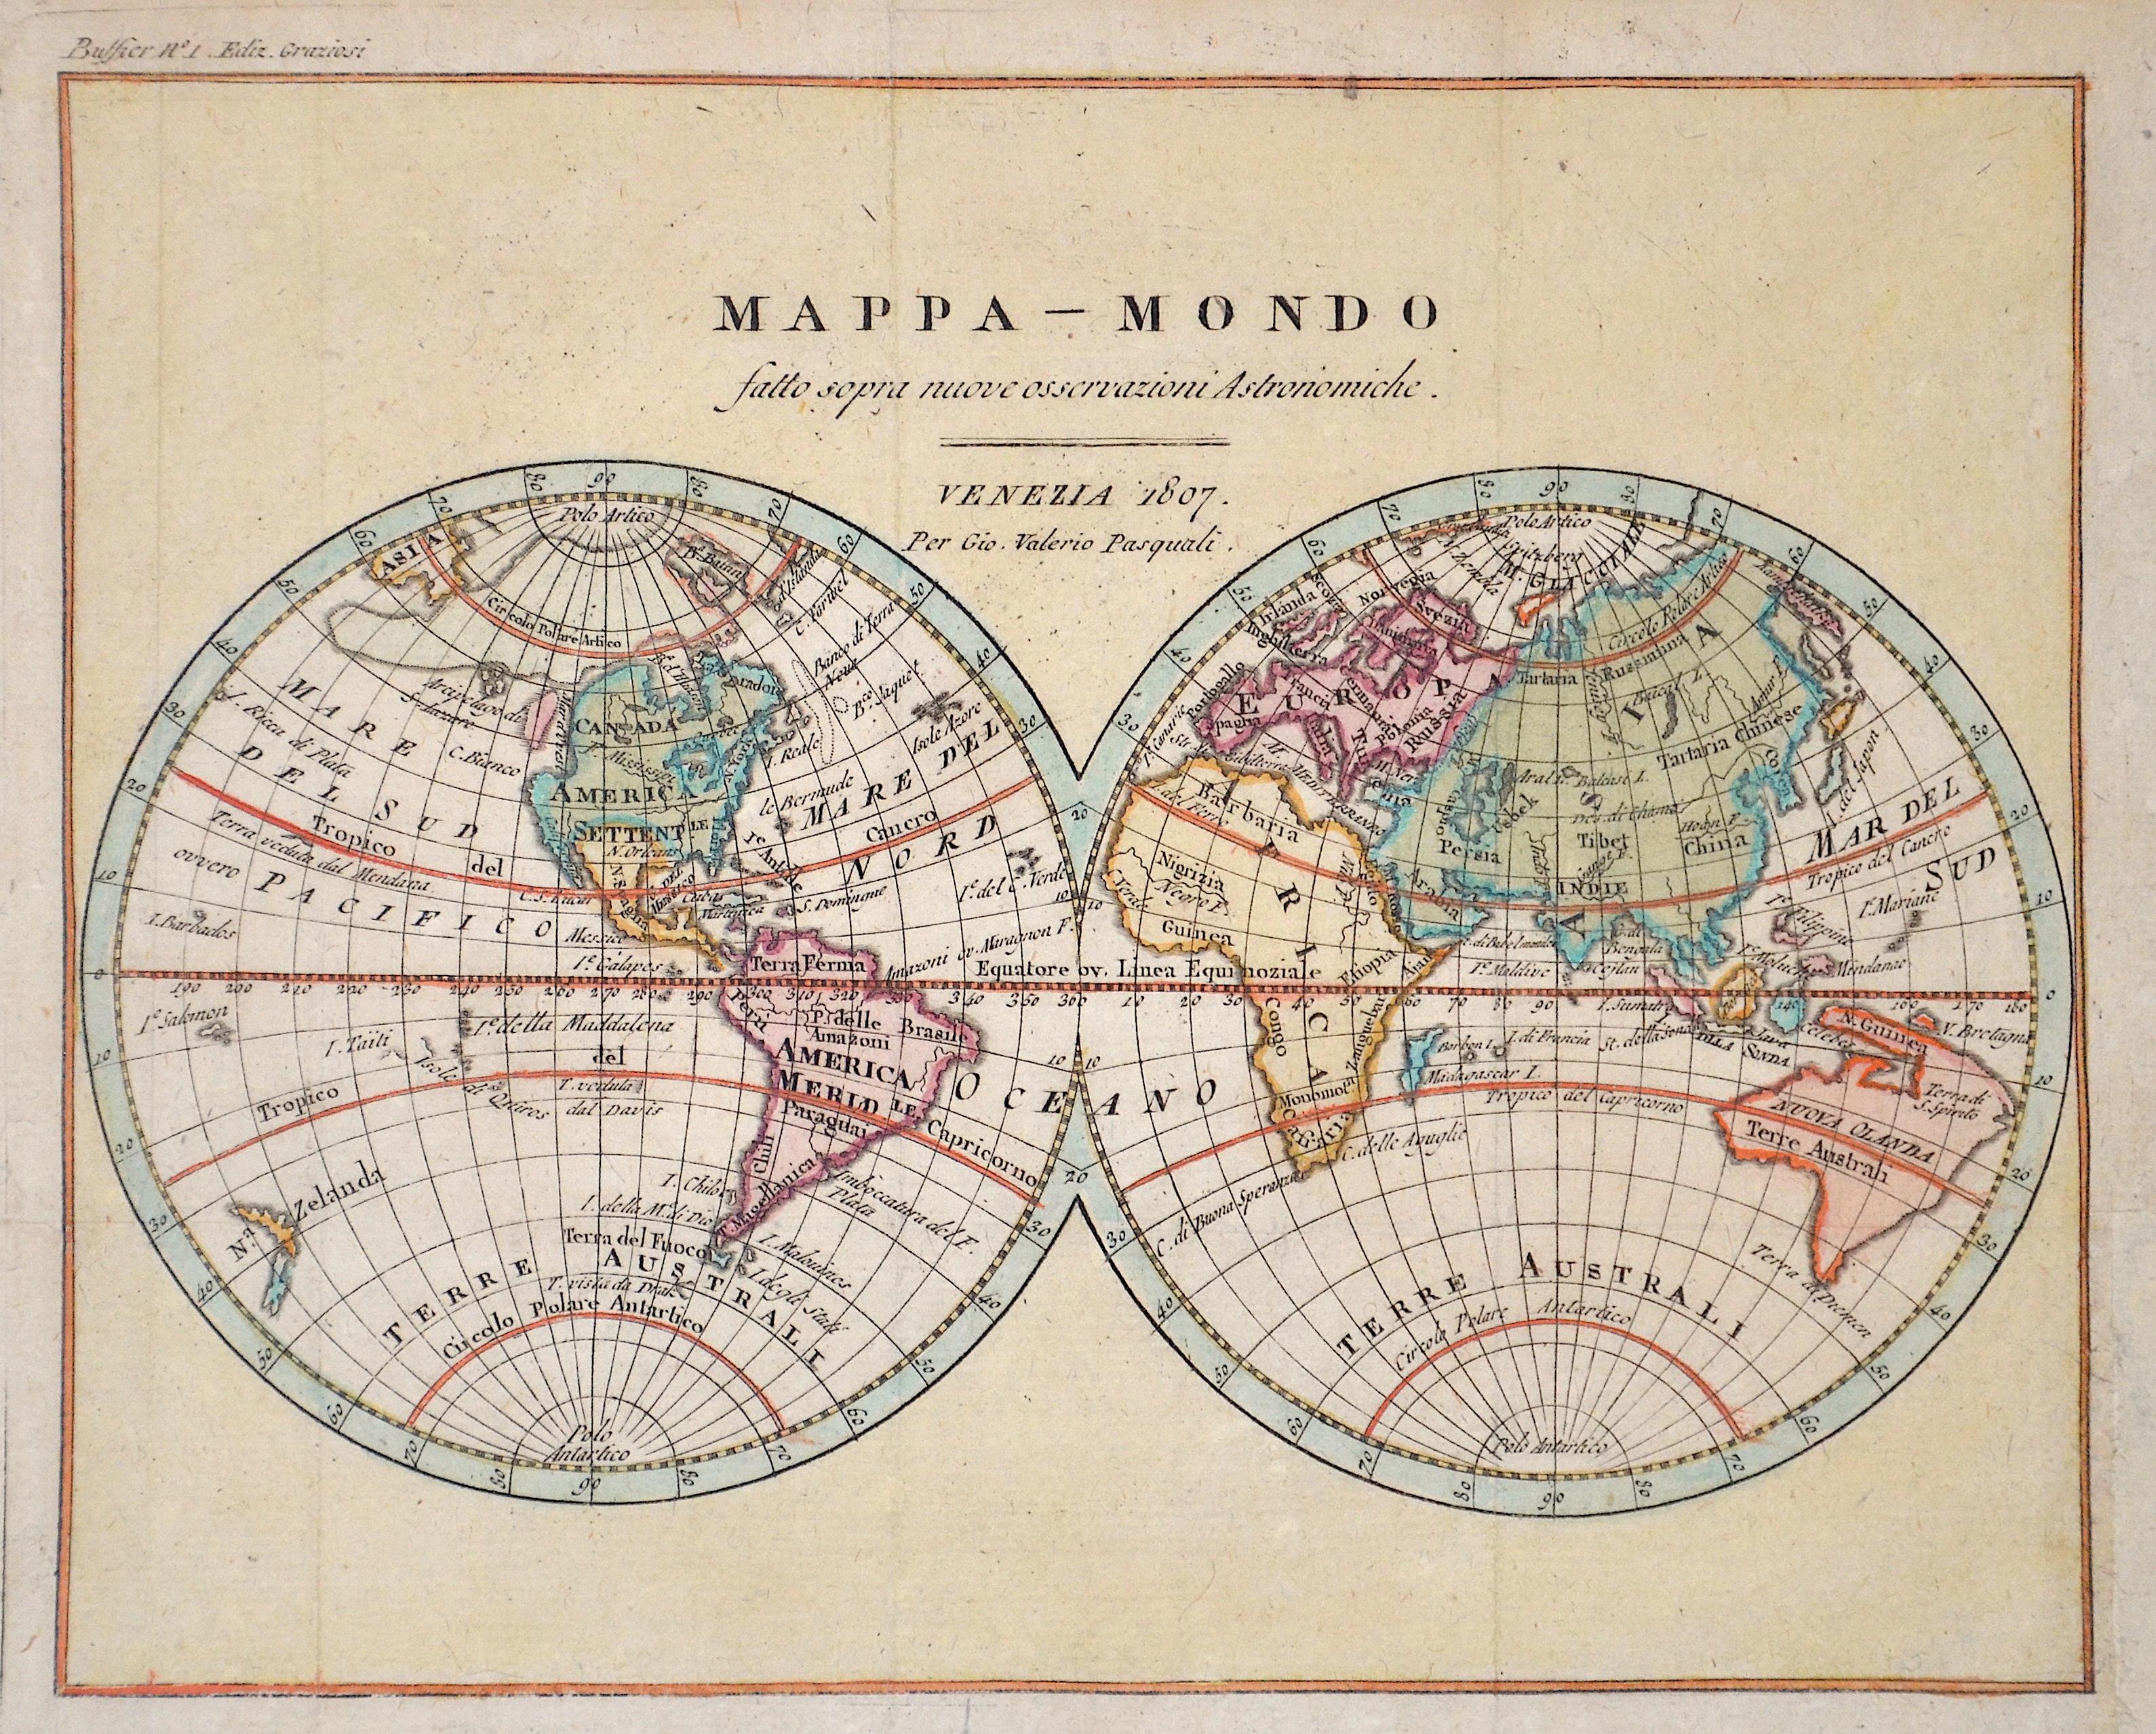 Pasquali Gio Valerio Mappa – Mondo satto sopra nuove osservazioni Astronomiche